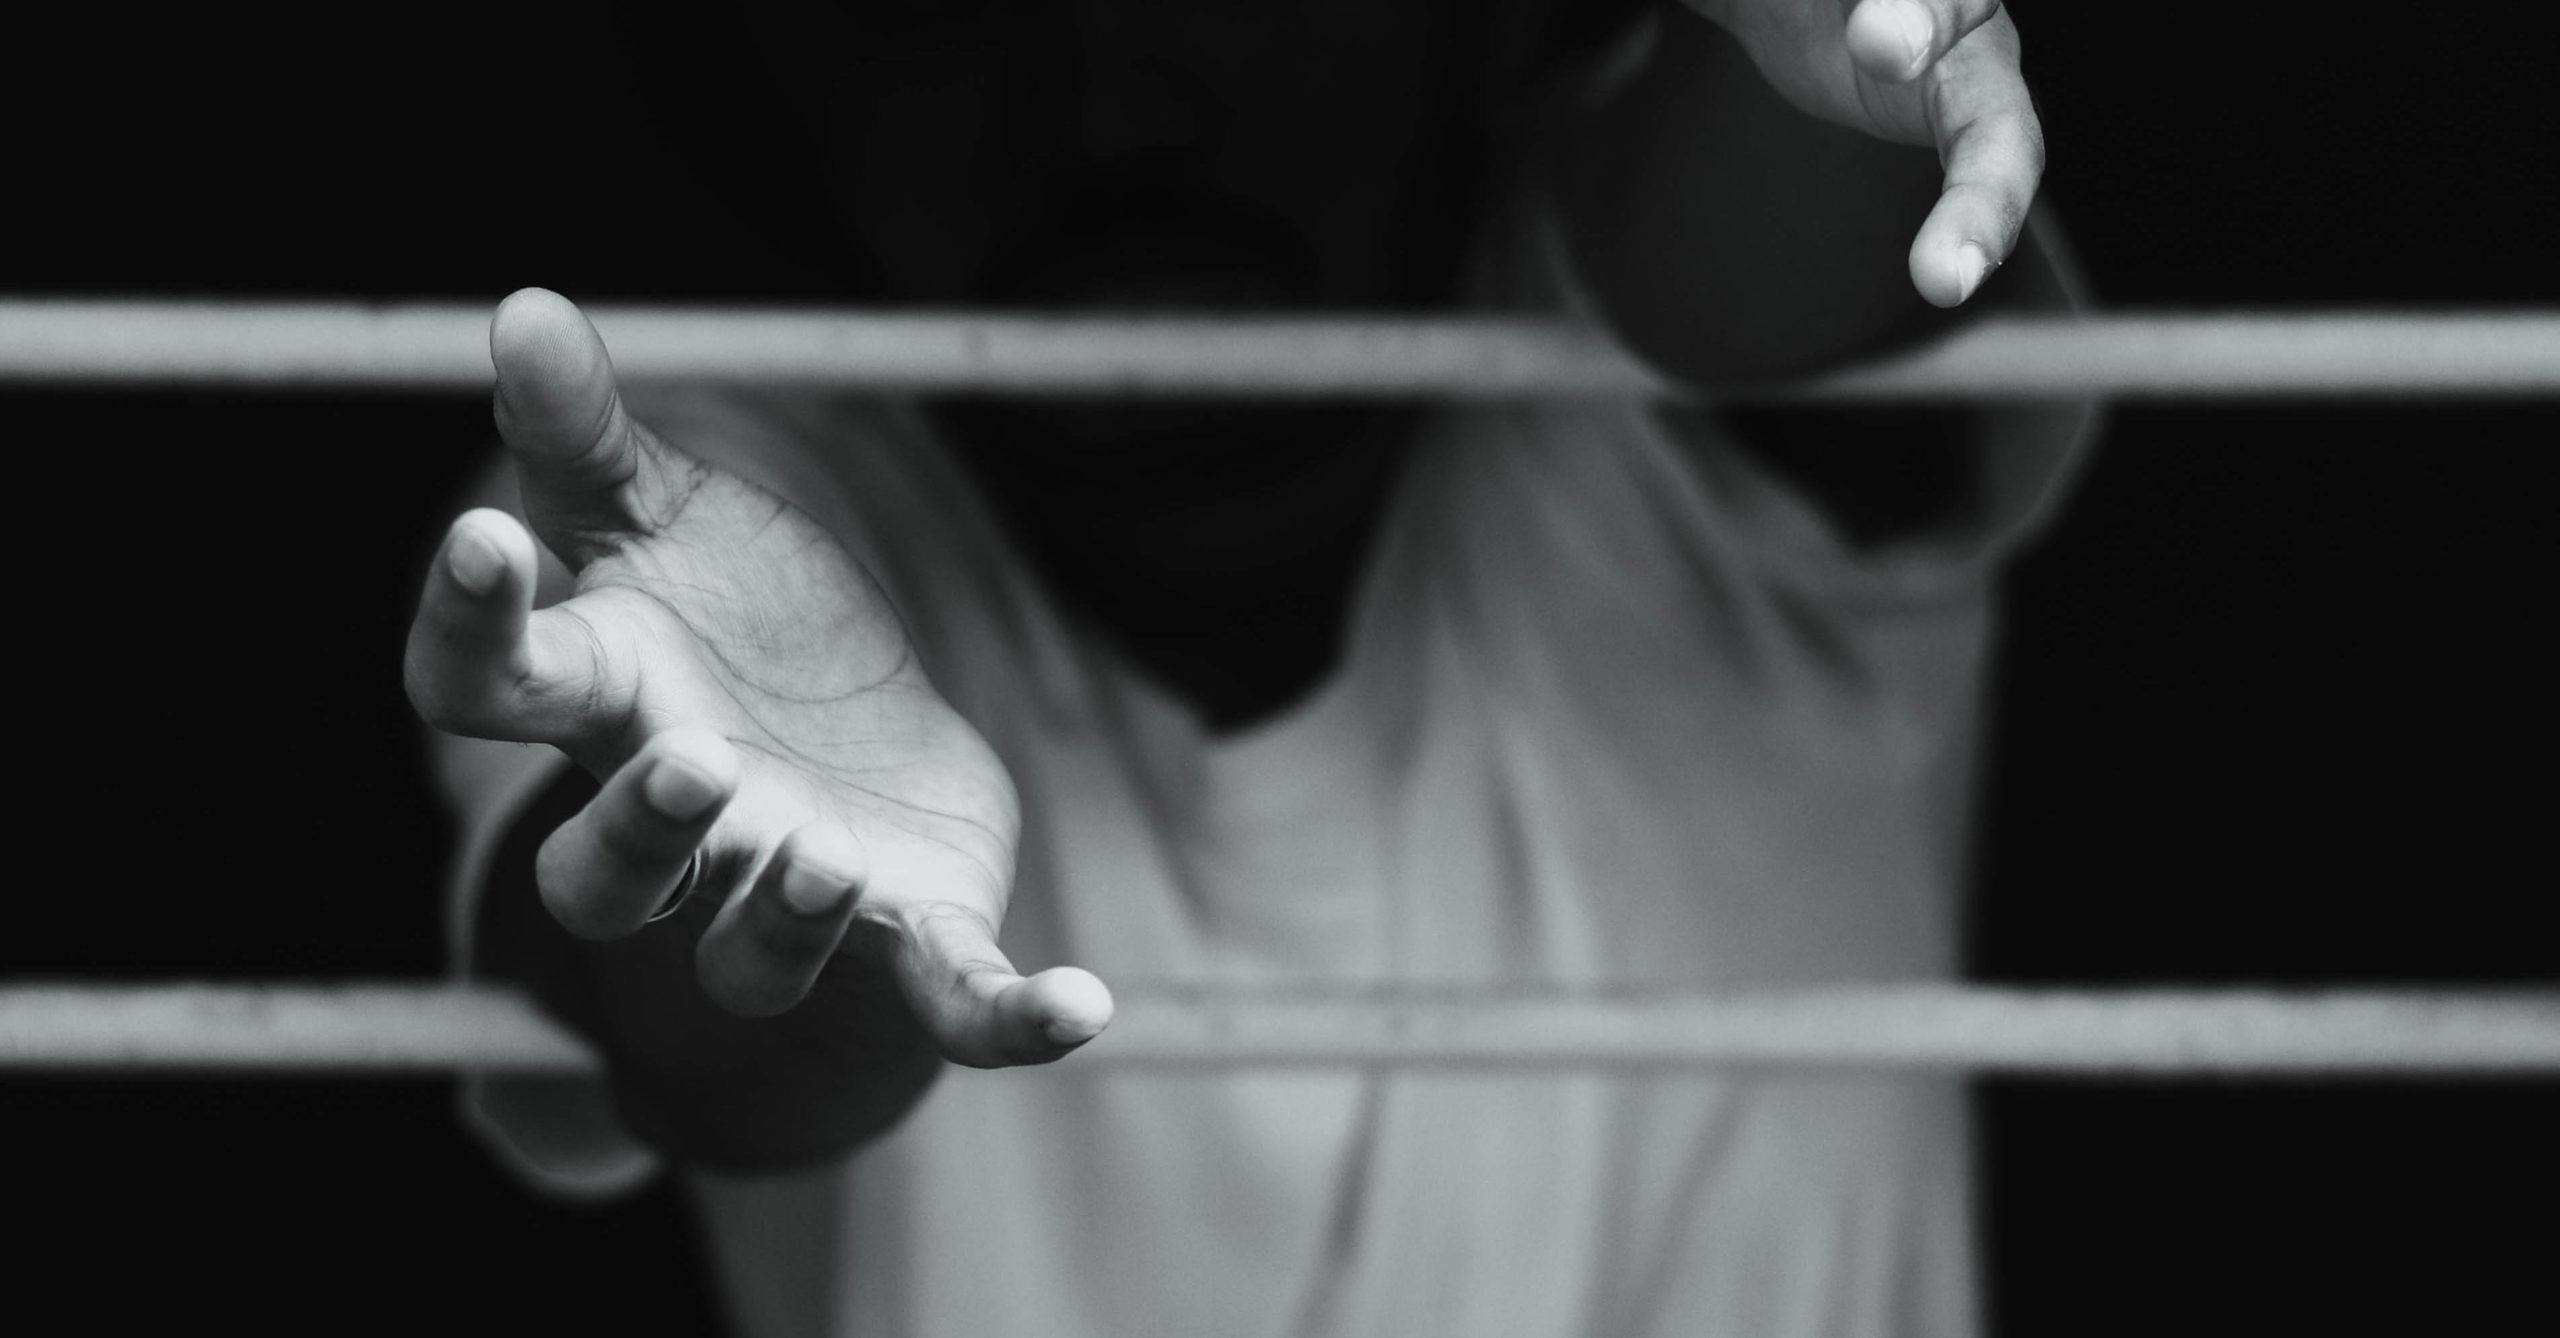 Manifesto público sobre a situação do sistema prisional no DF em razão do Coronavírus